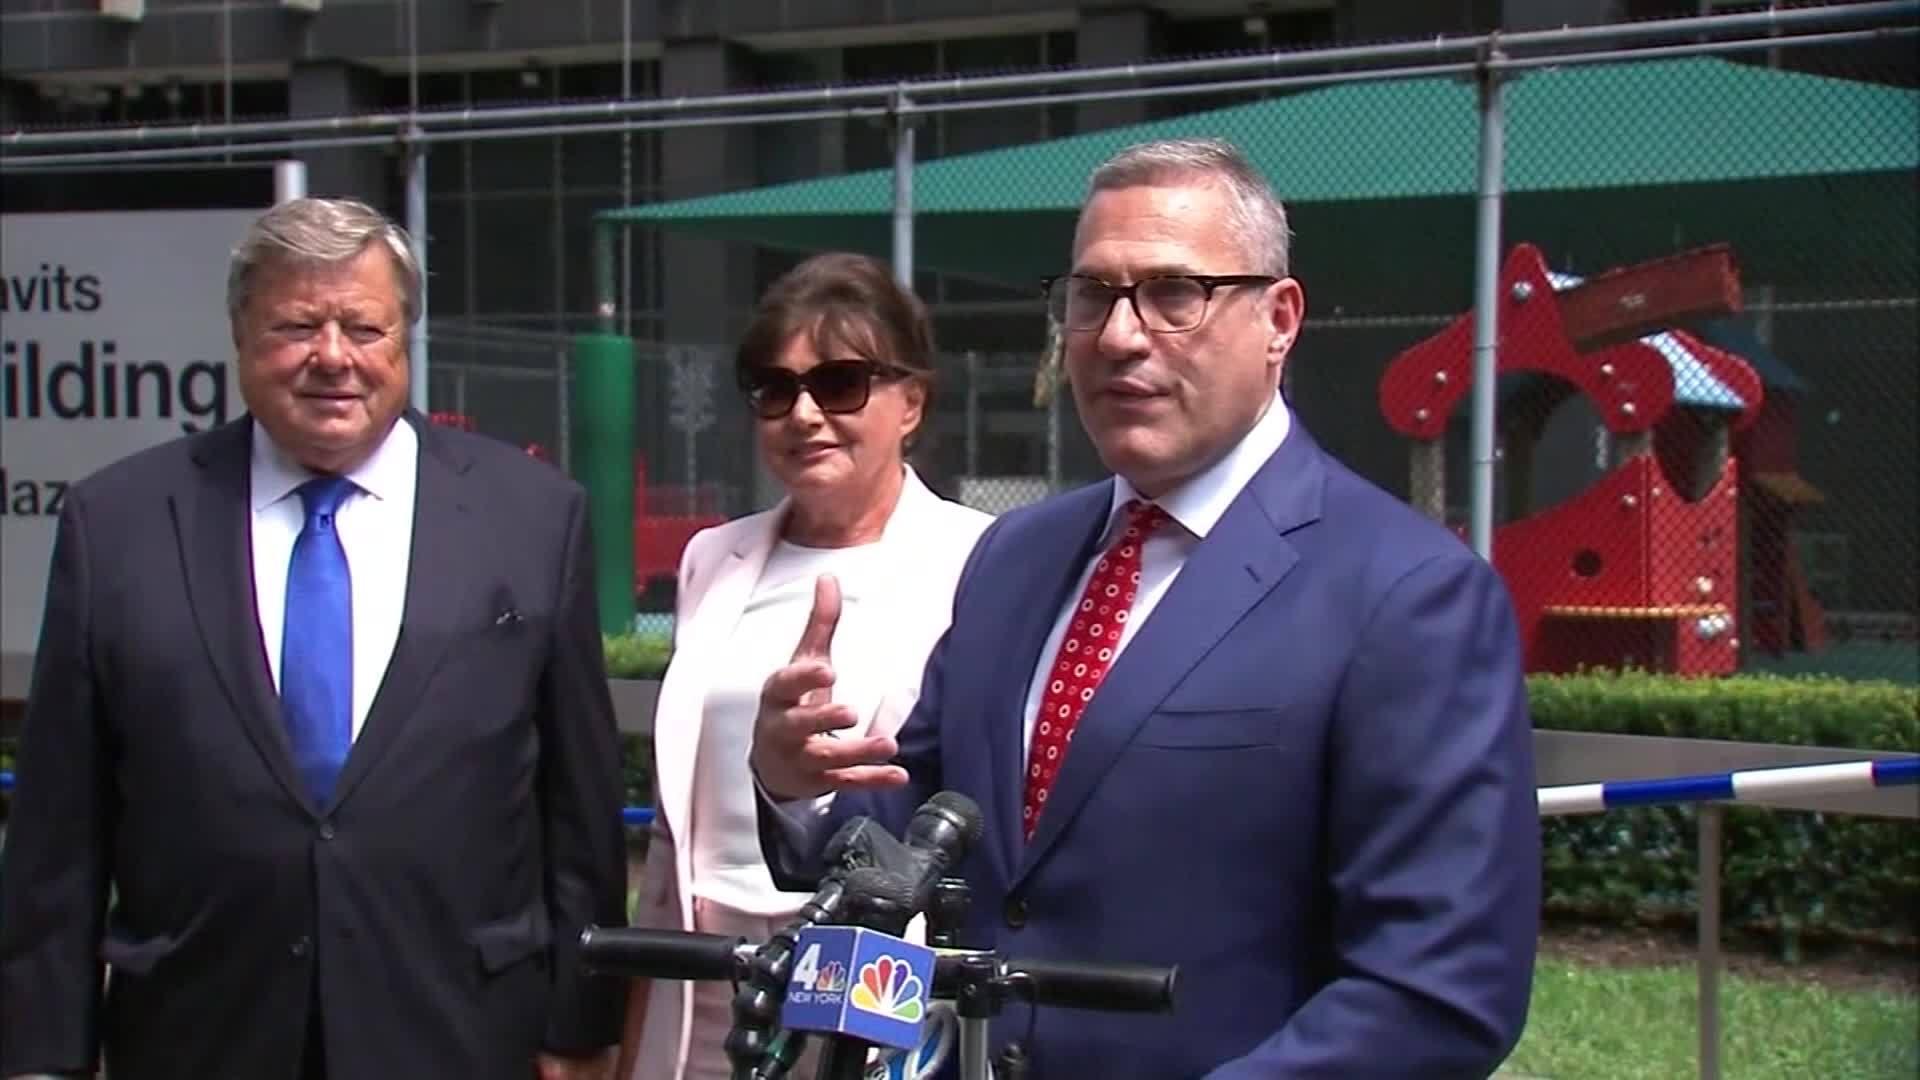 Melania Trump's parents are sworn in as US citizens